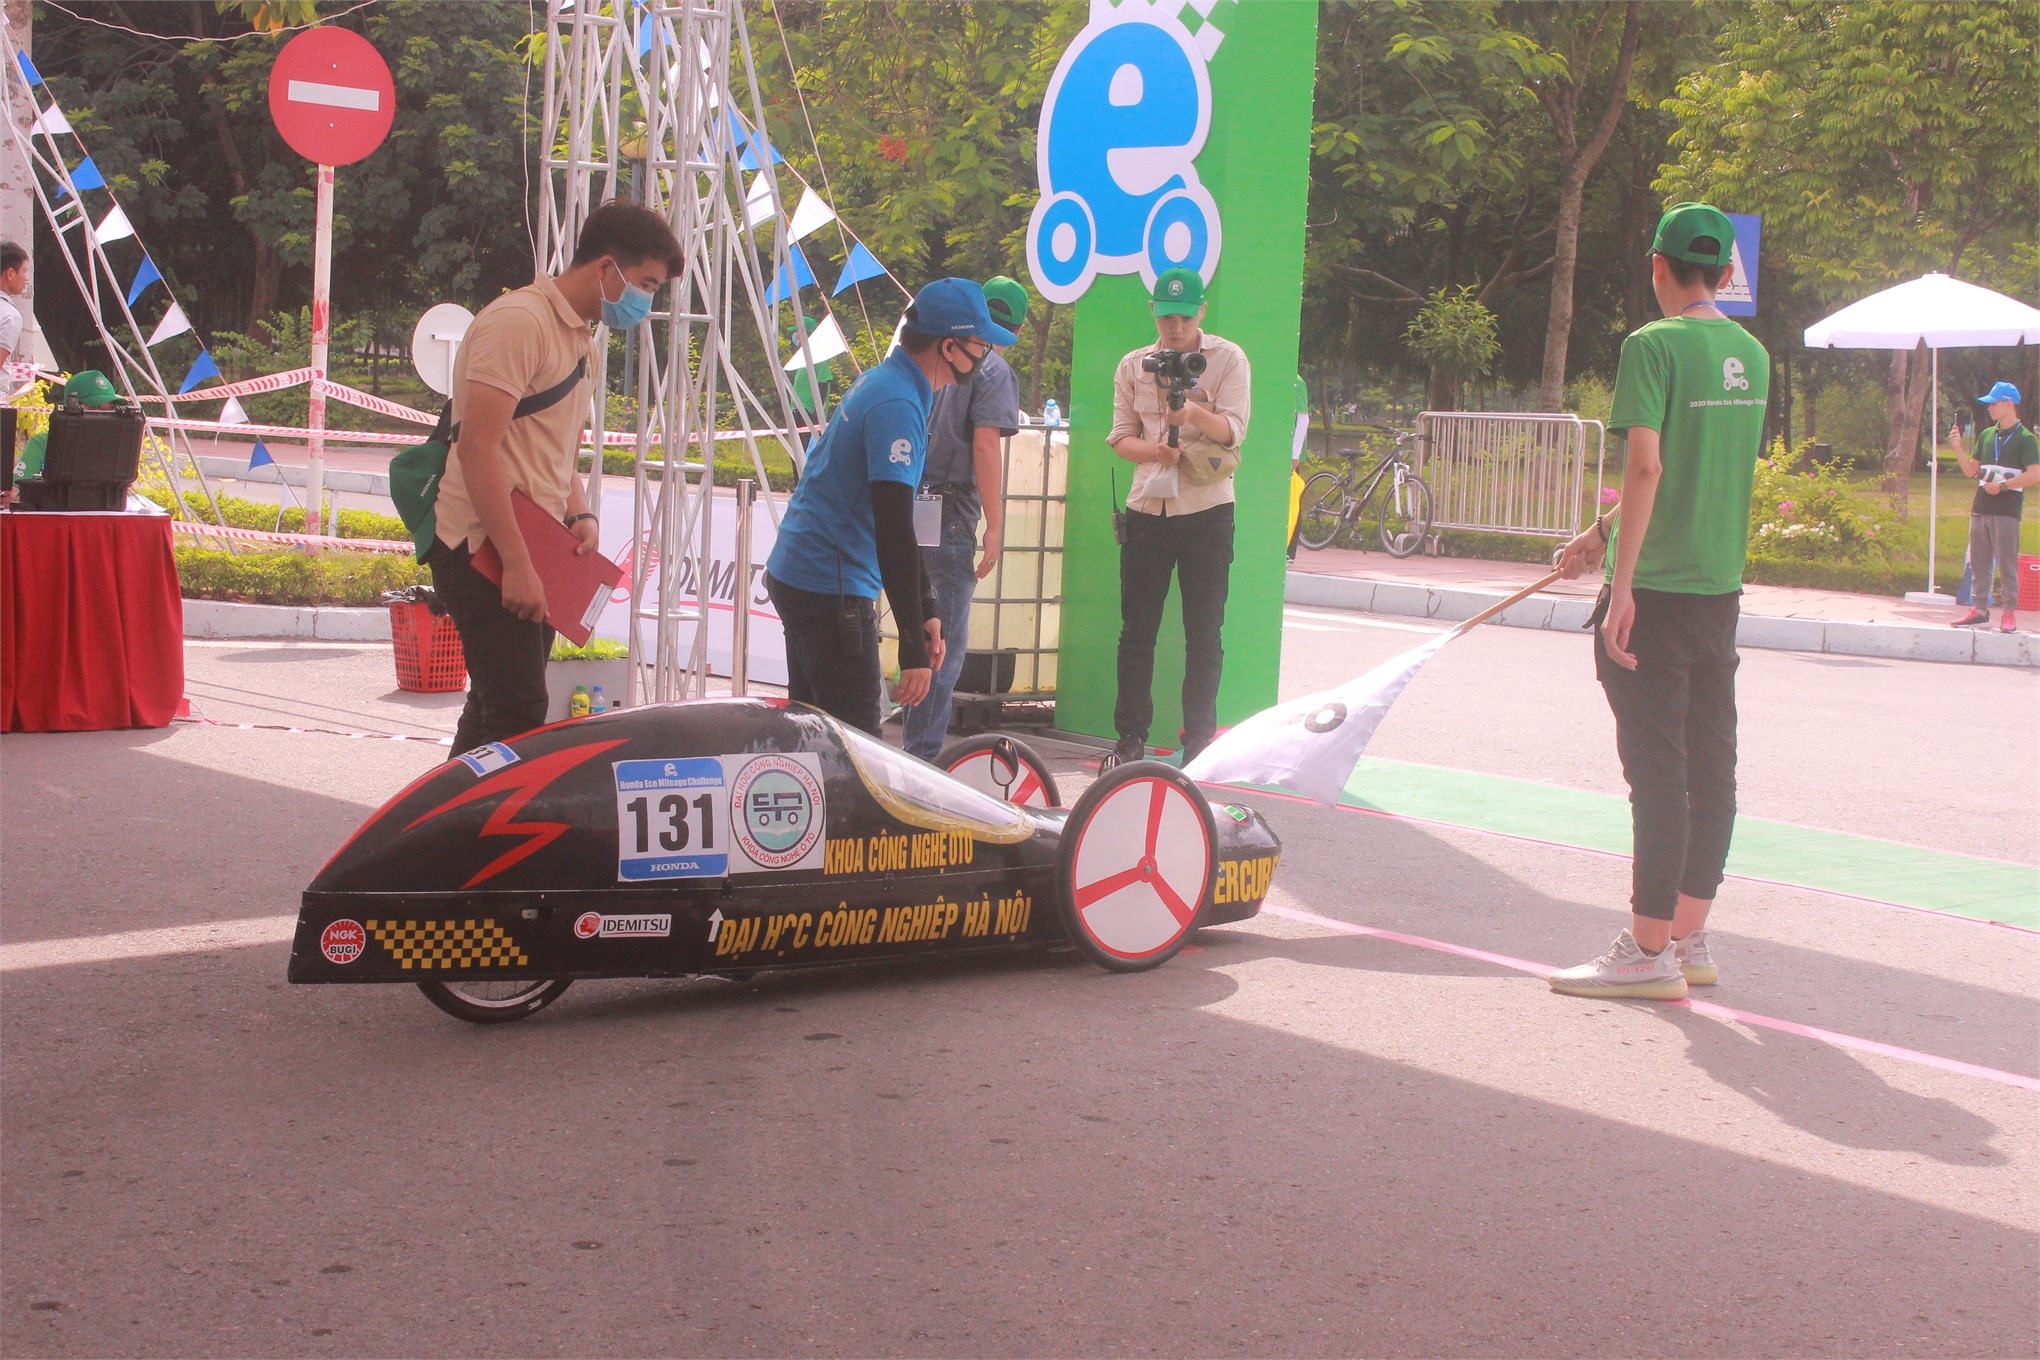 Super Cup 50 - Đại học Công nghiệp Hà Nội đã vào vạch xuất phát